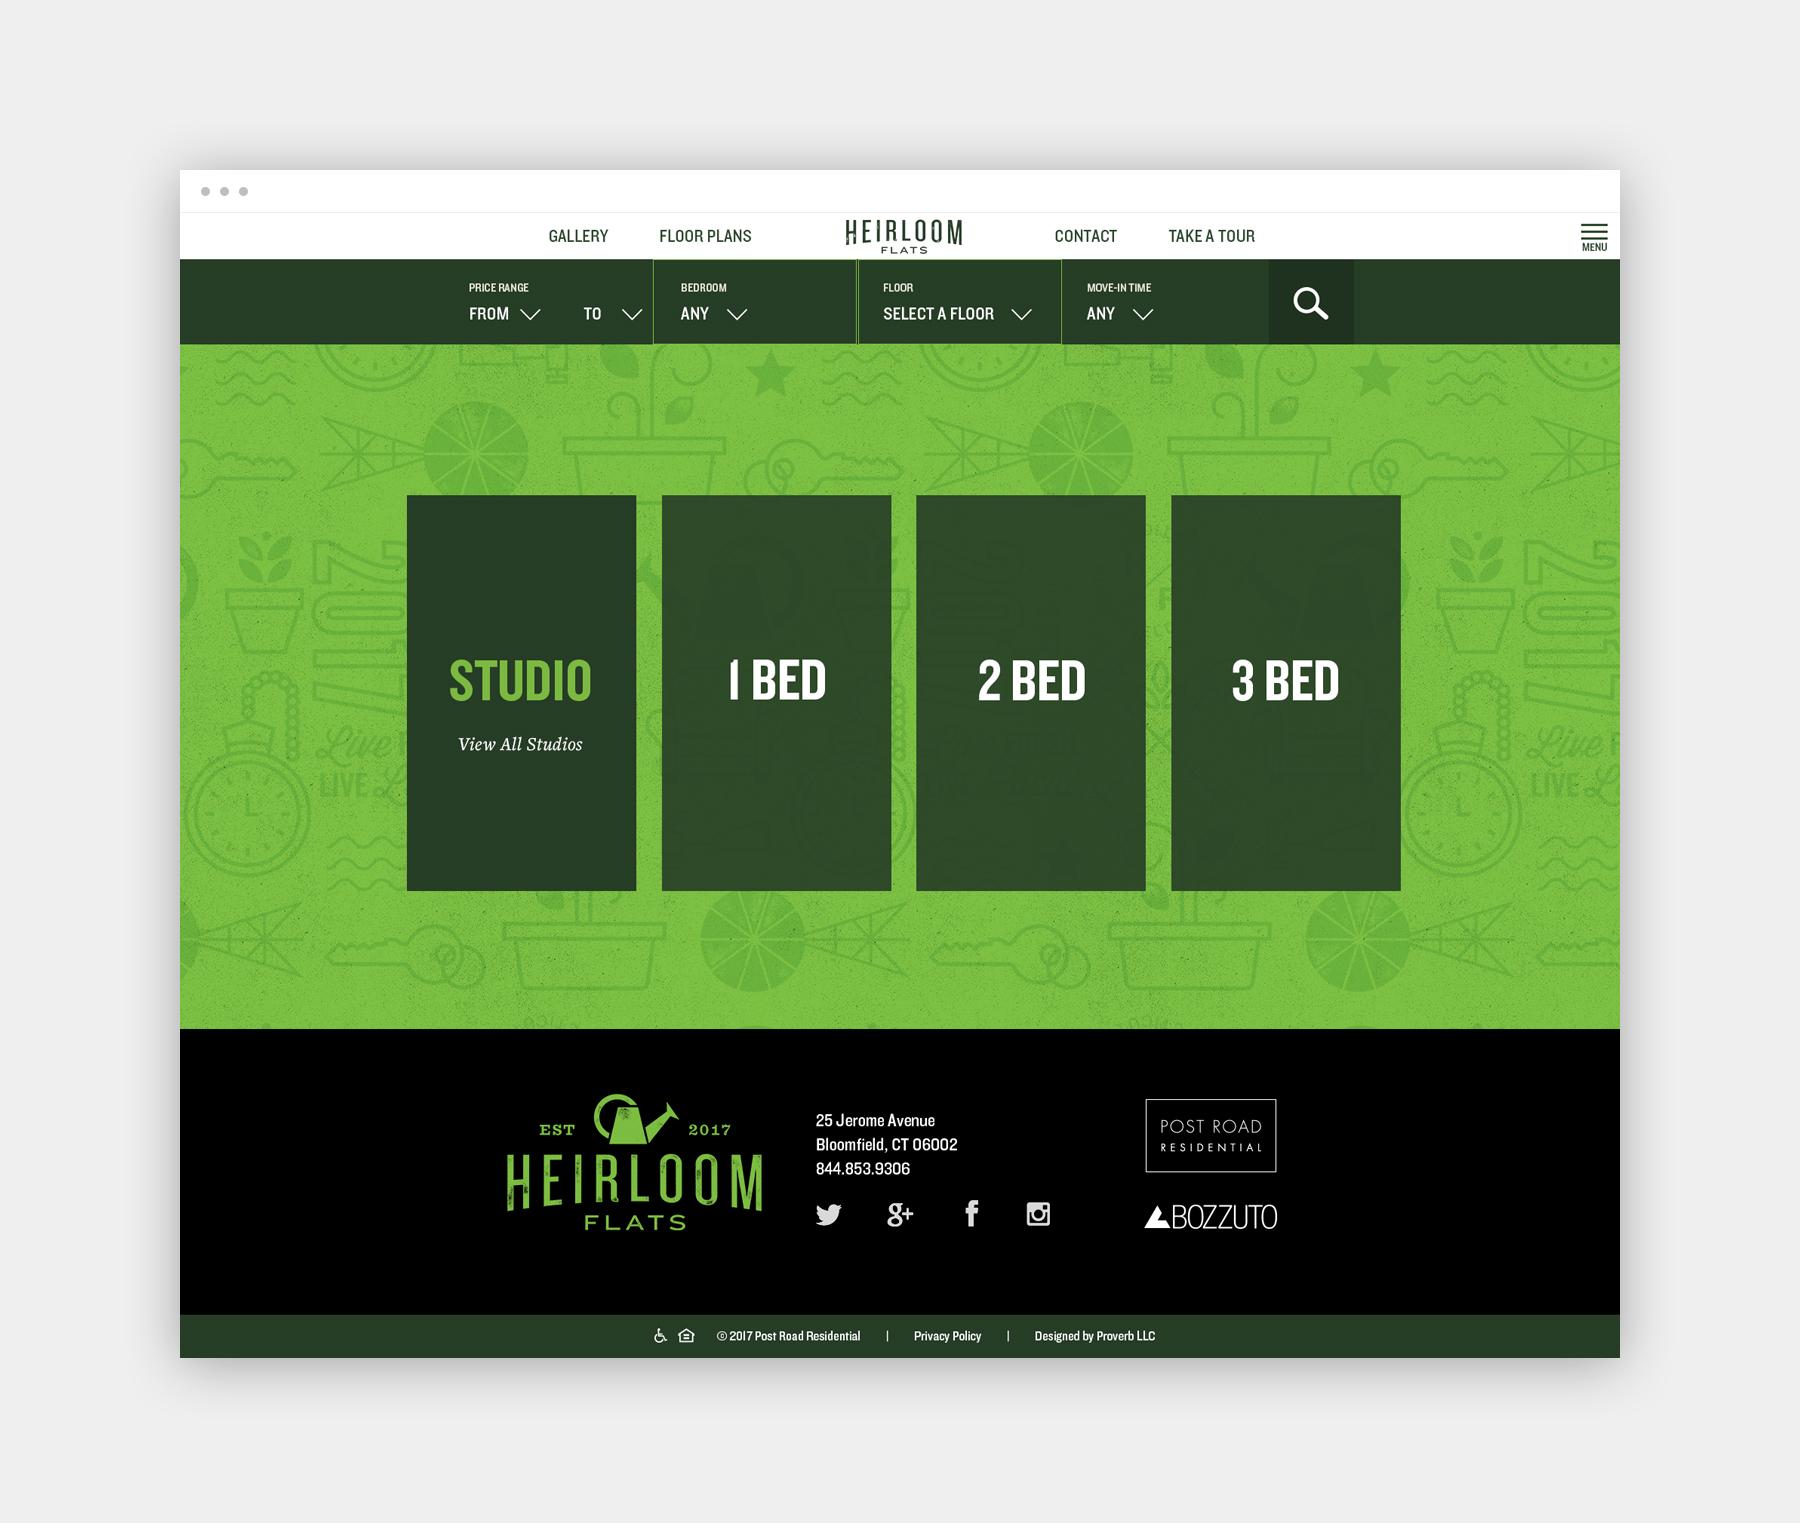 HeirloomFlats_floorplans_01.jpg